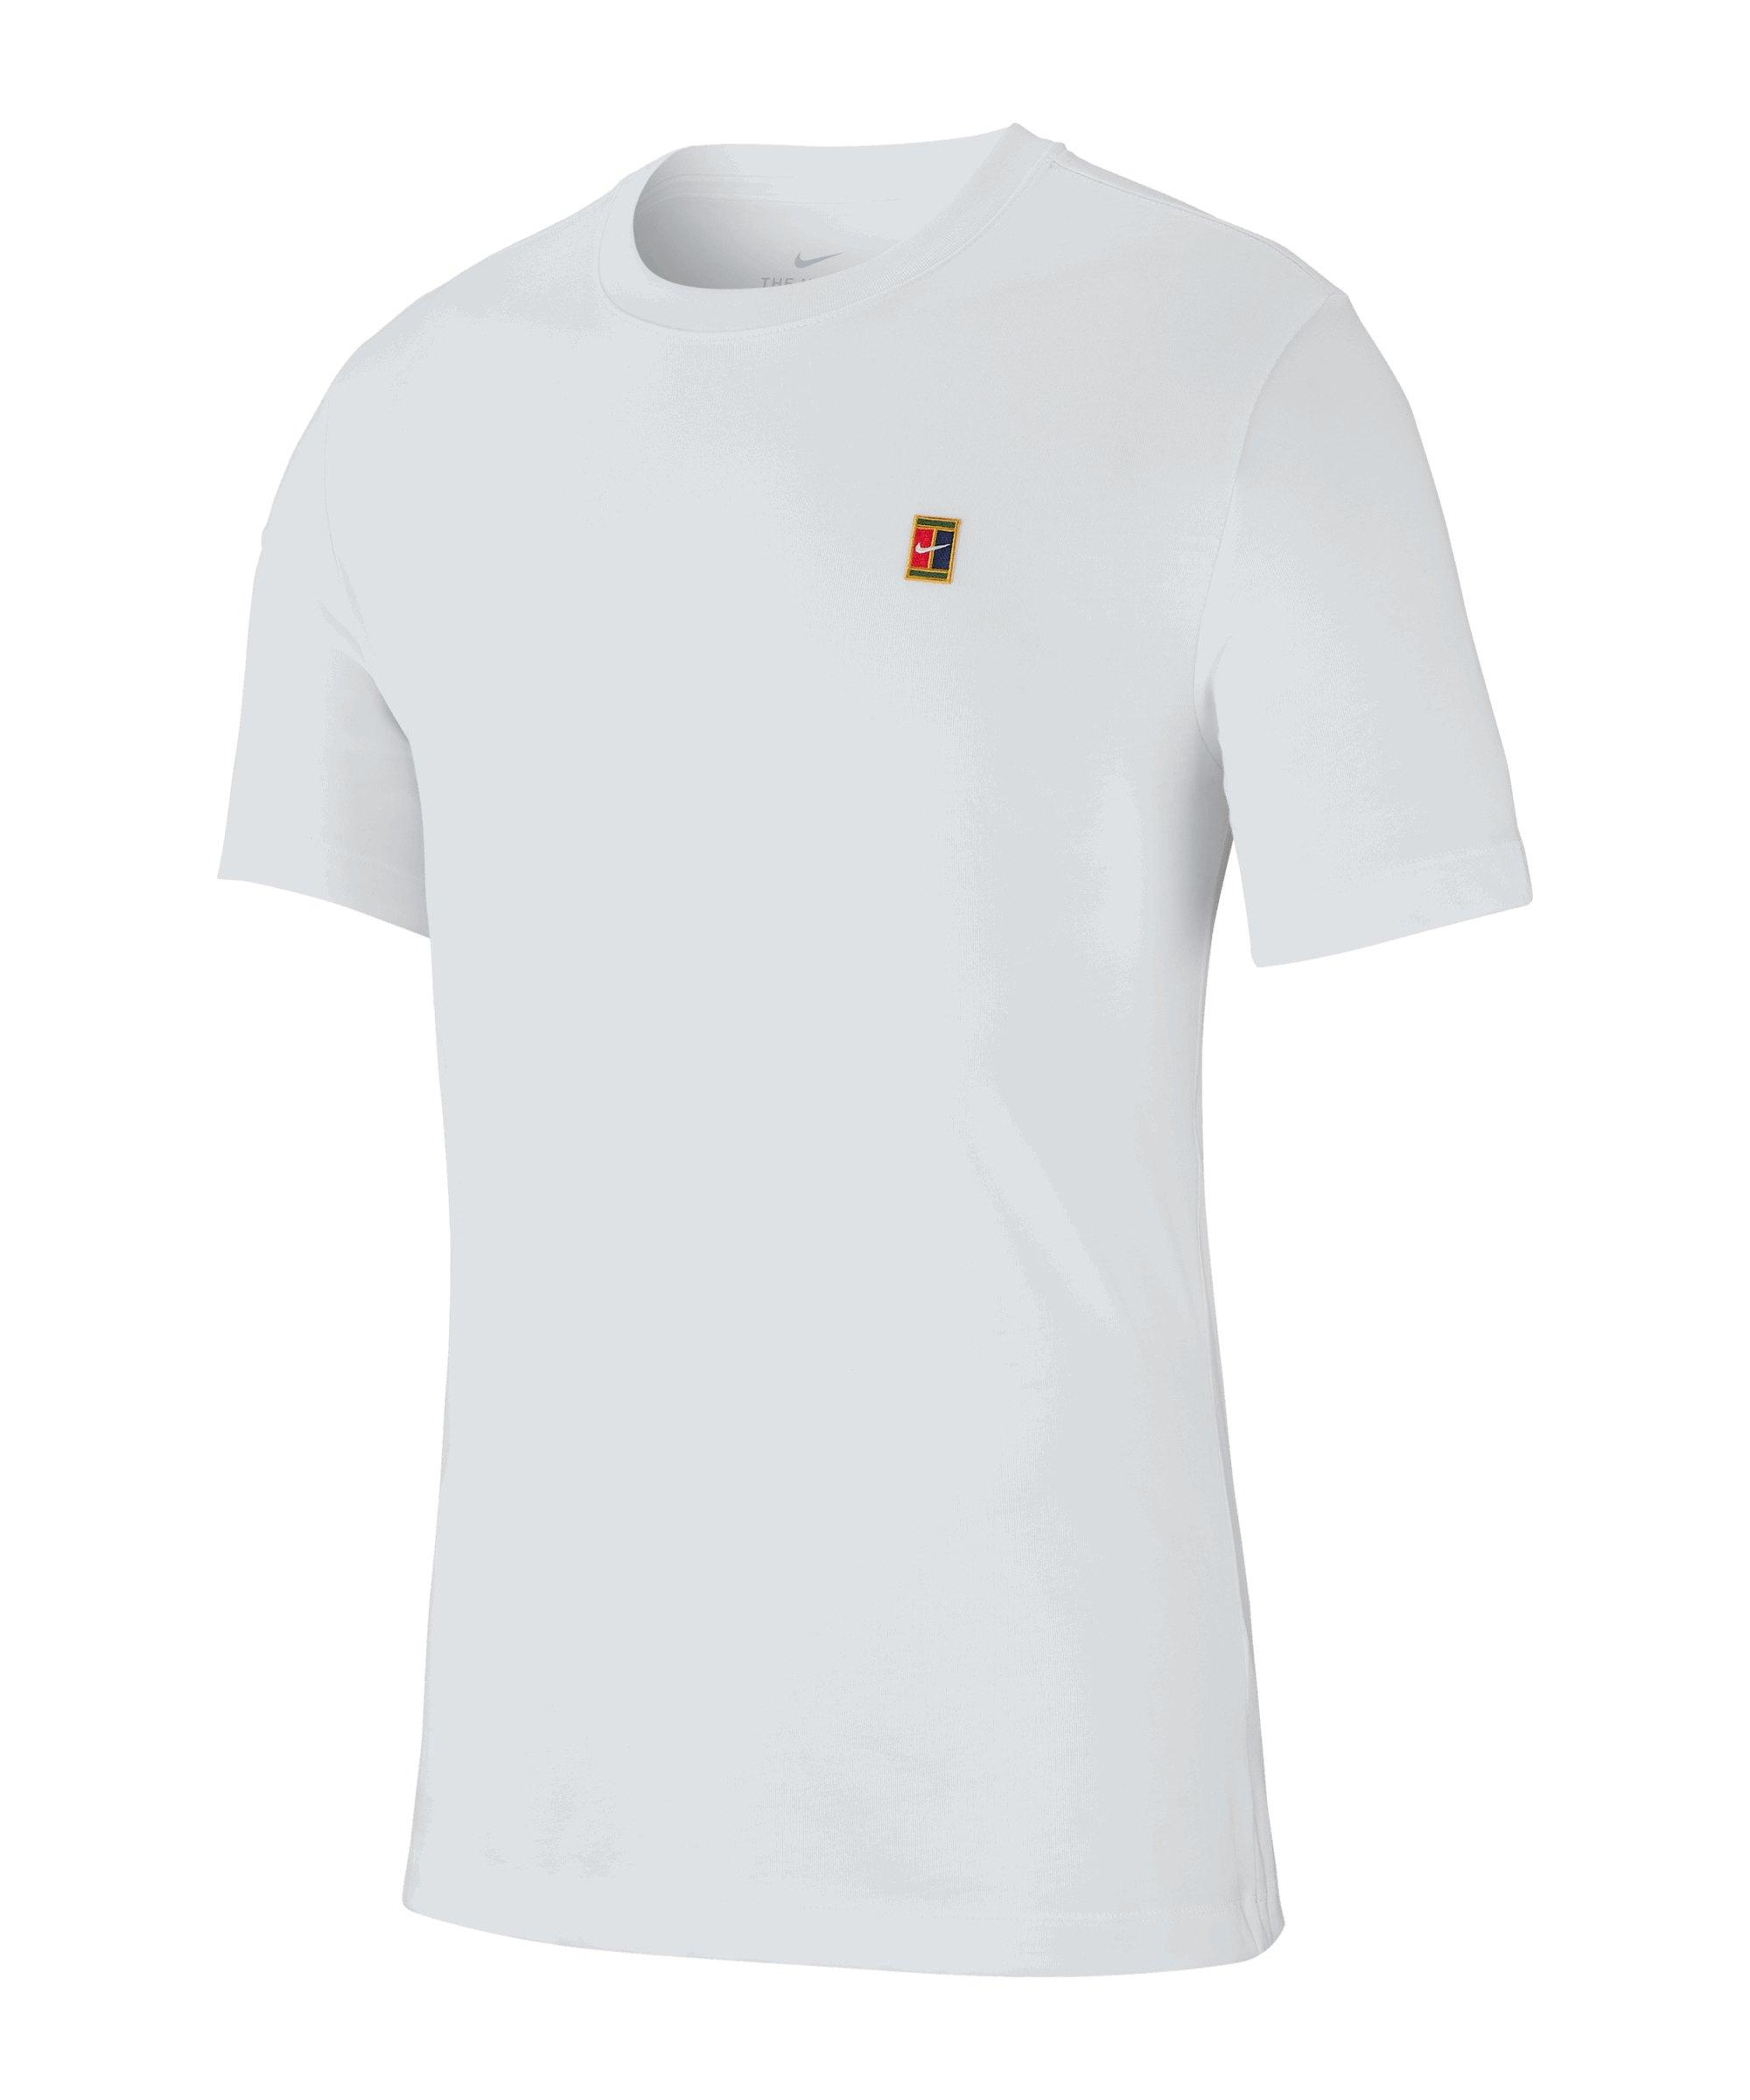 Nike NKTC Court EMB Tee T-Shirt Weiss F100 - weiss